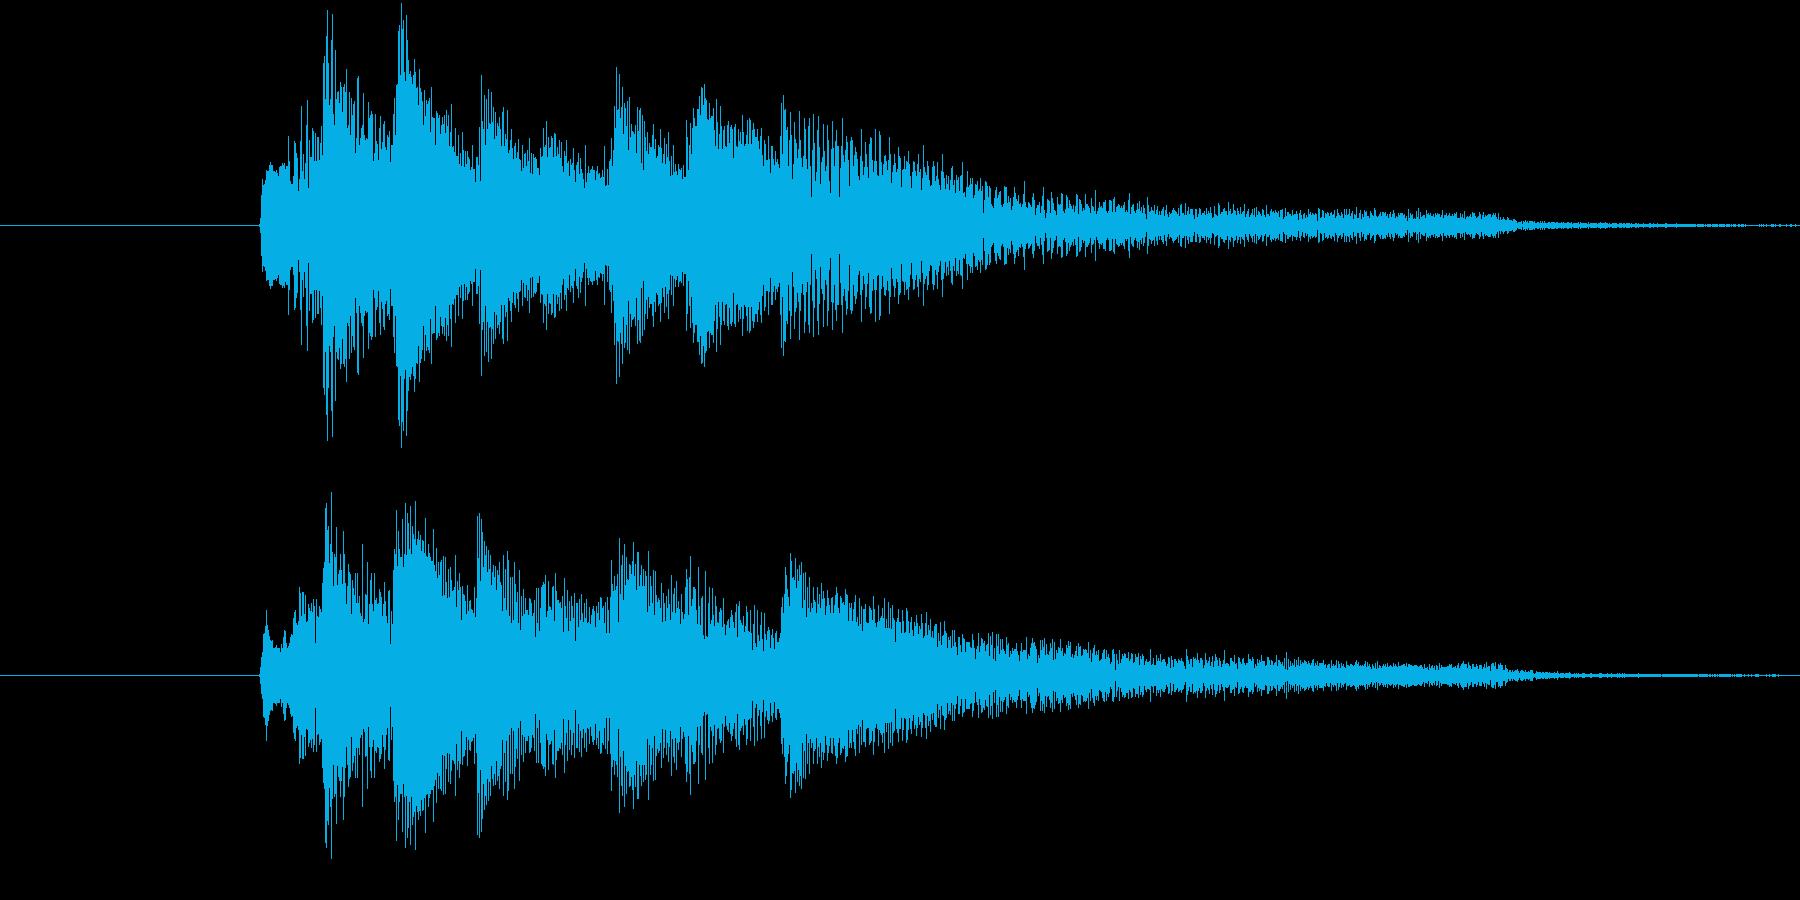 【生ピアノ】アイキャッチ:不穏な空気の再生済みの波形